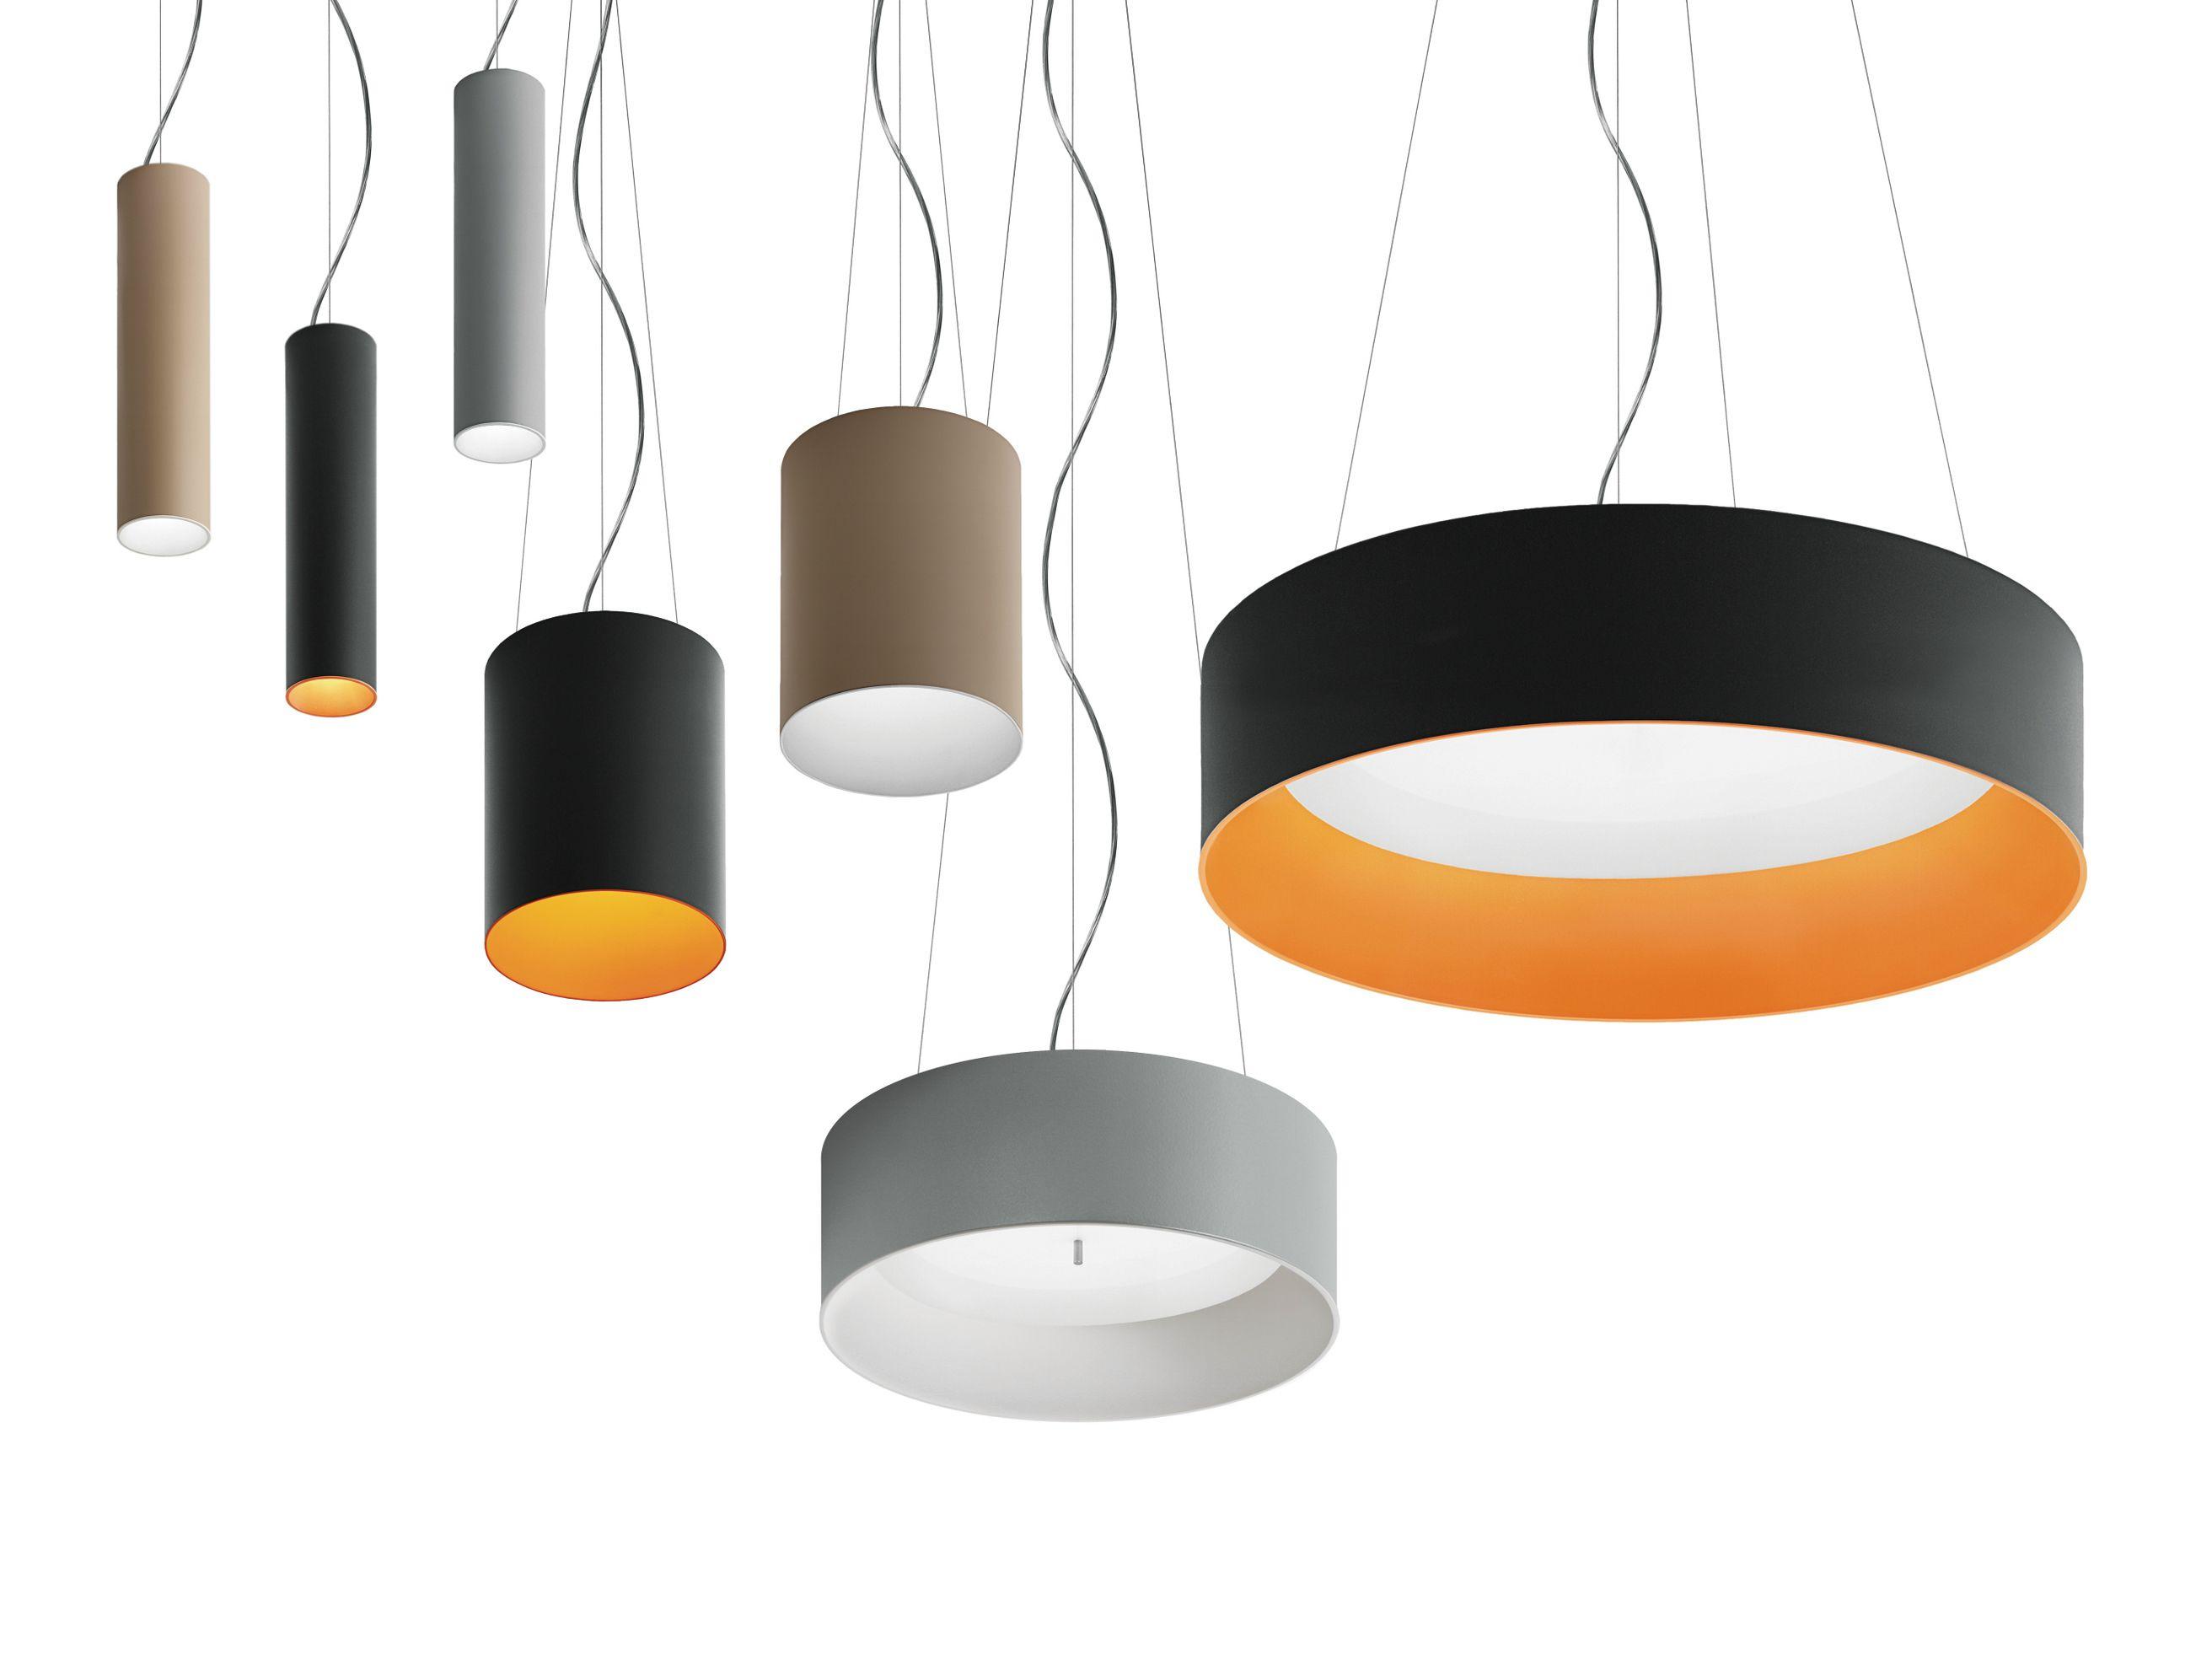 Lampade Sospese Per Cucina ~ Ispirazione design casa